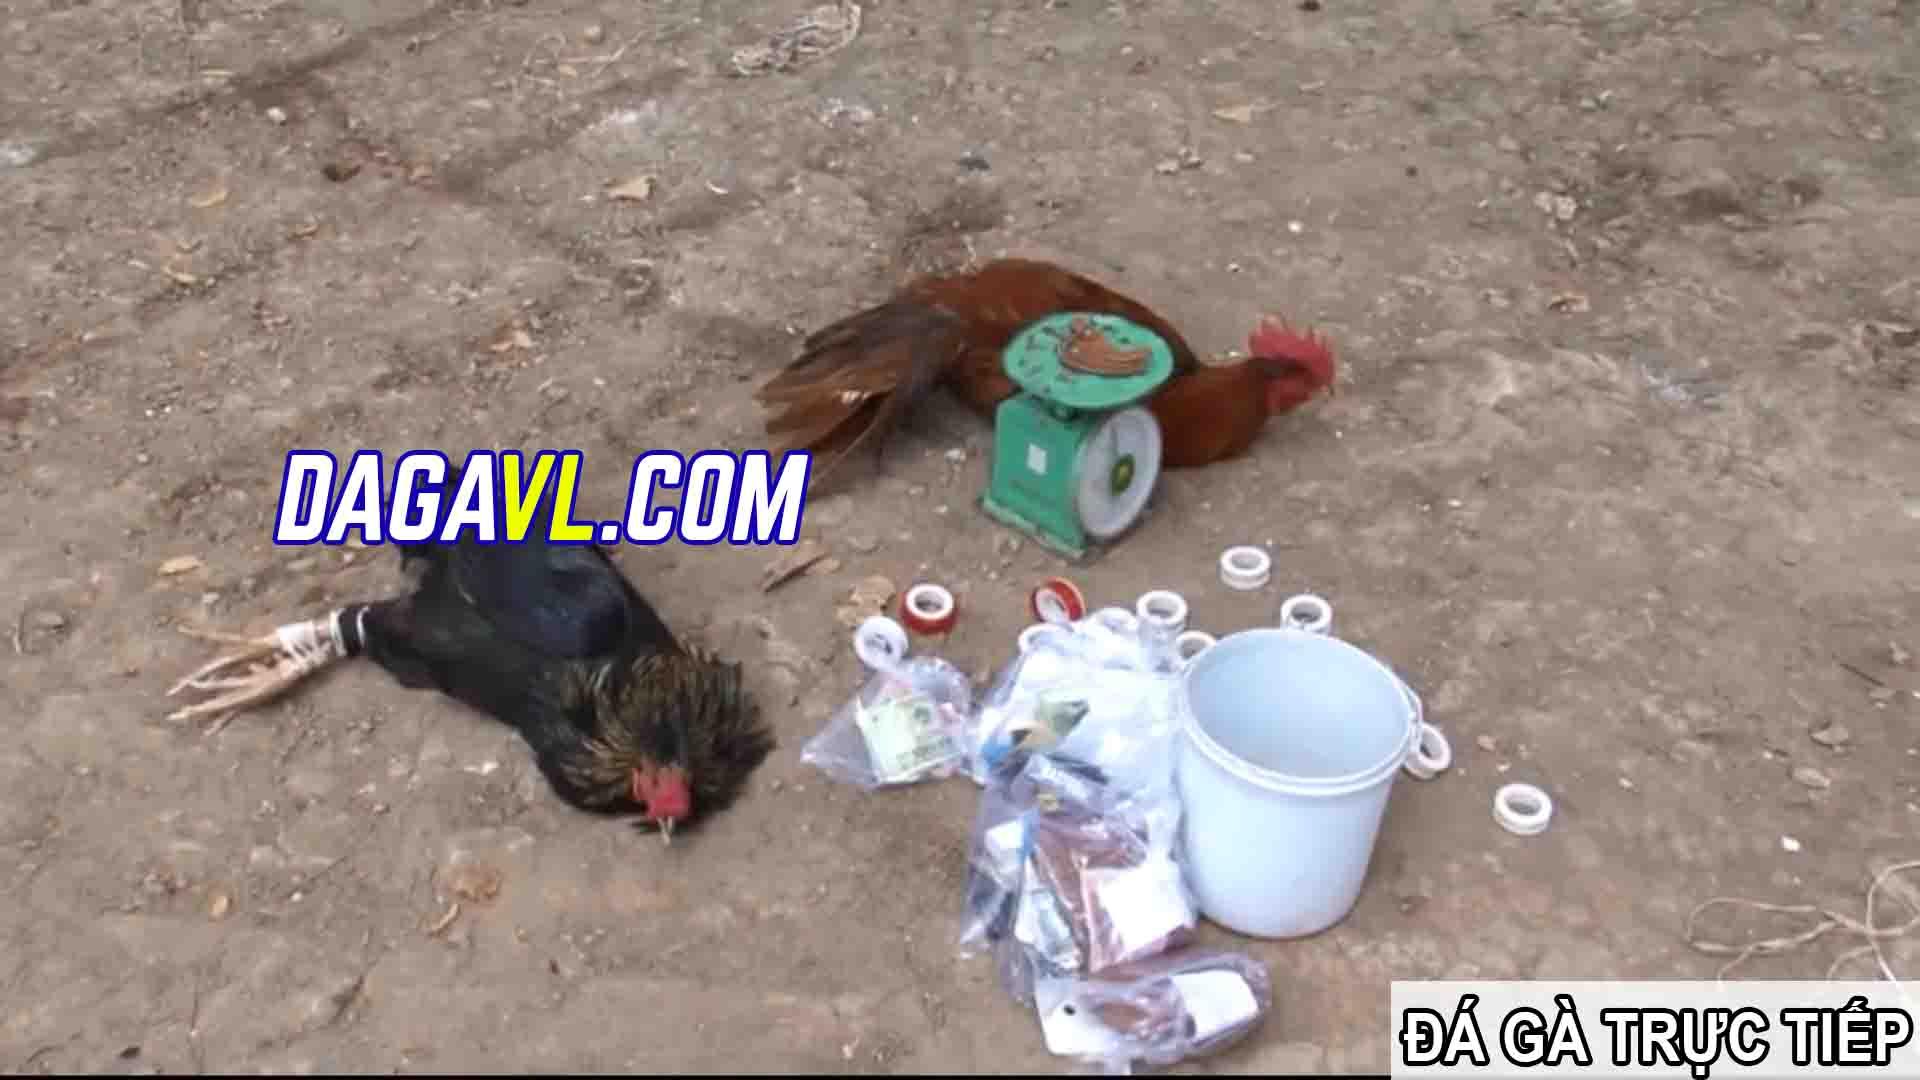 DAGAVL.COM - đá gà trực tiếp. Tang vật bắt 11 đối tượng đá gà ăn tiền tại Thới Châu